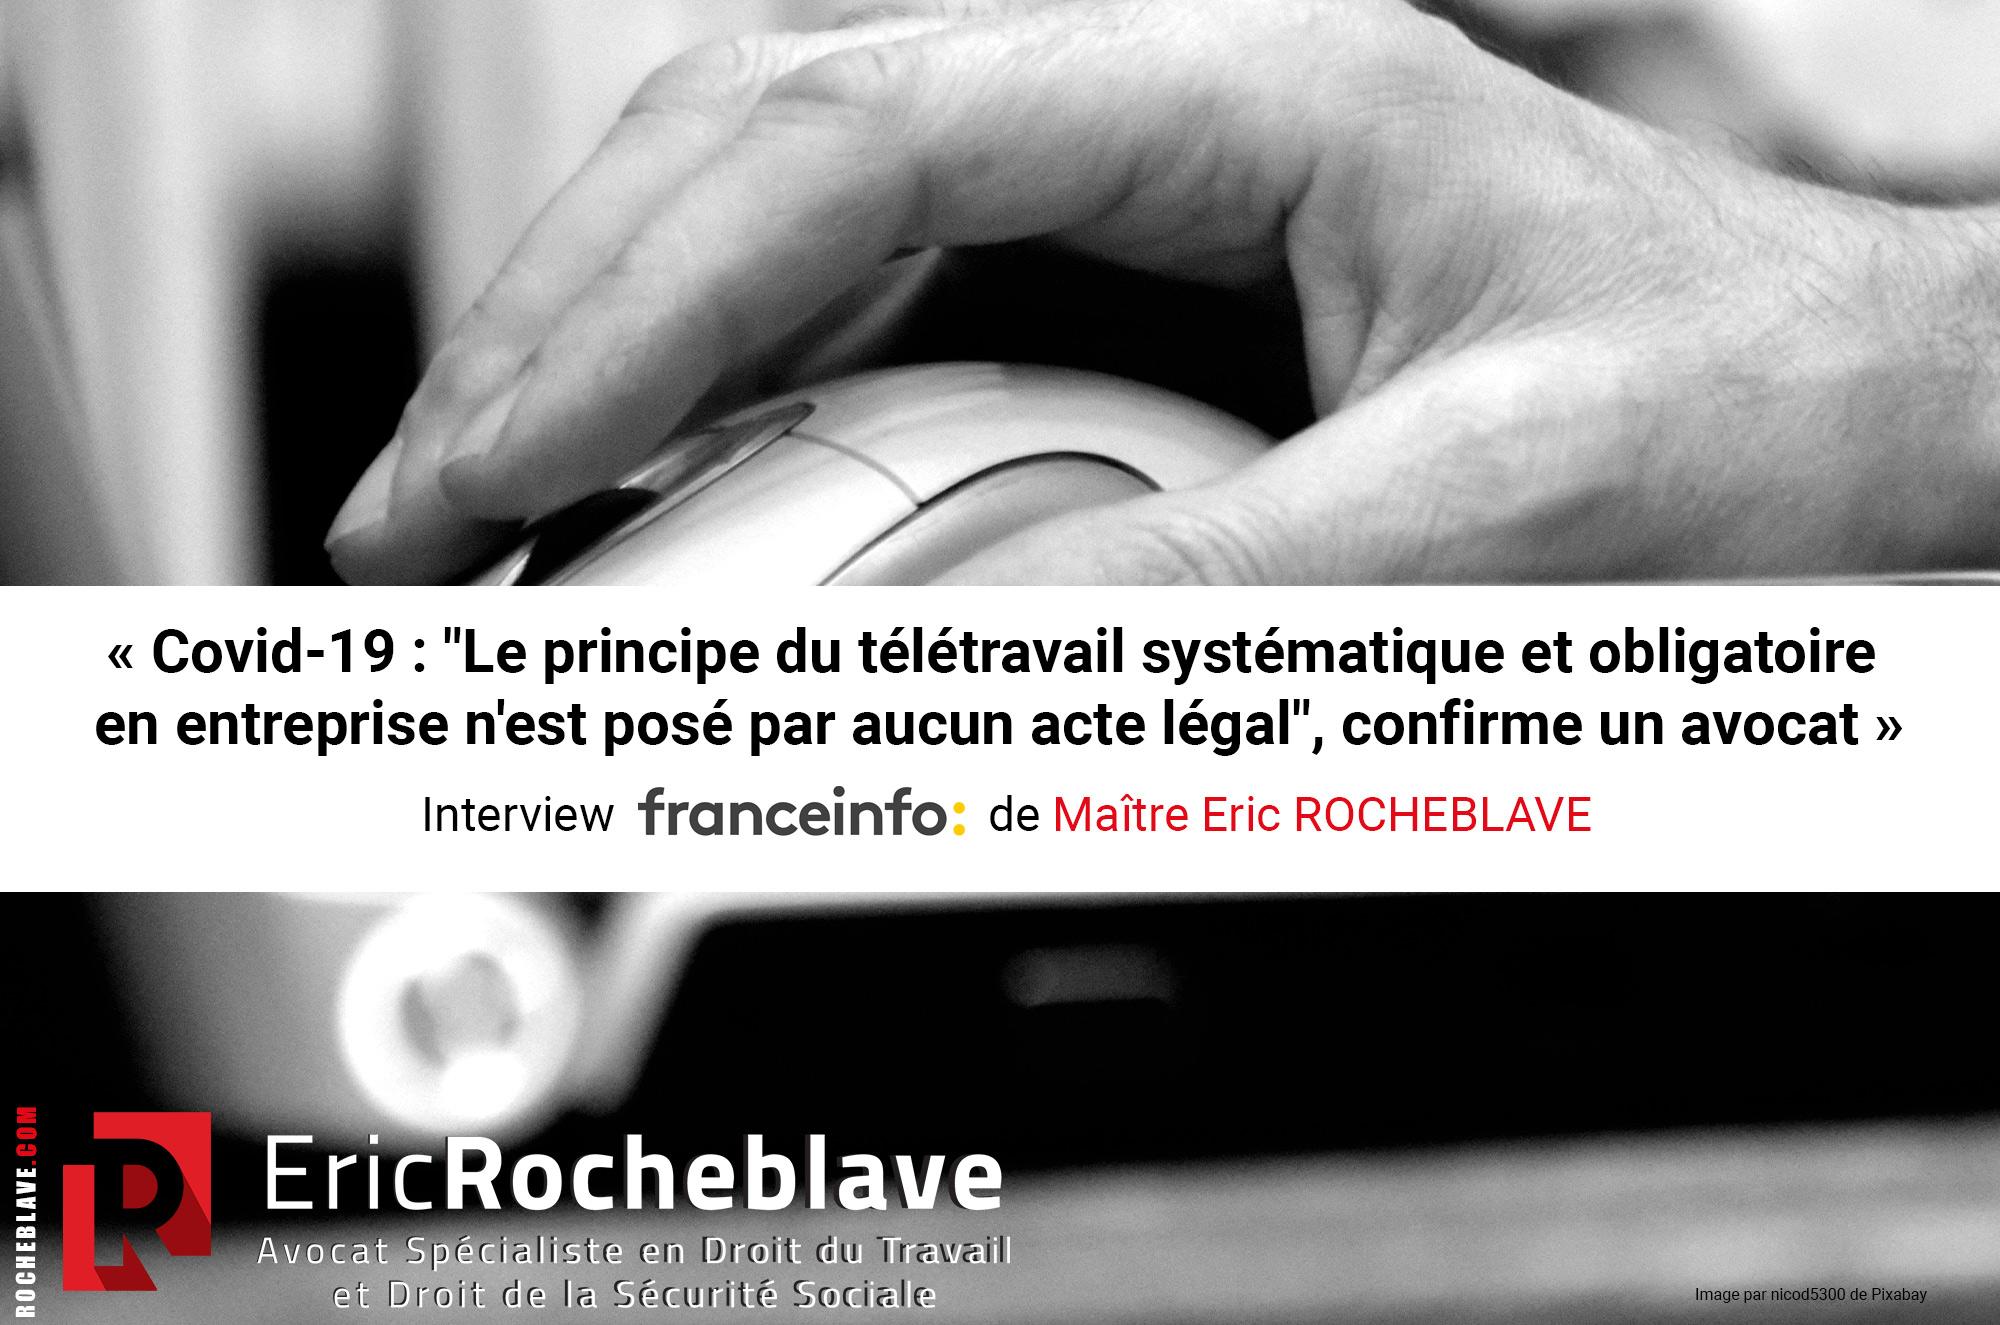 """« Covid-19 : """"Le principe du télétravail systématique et obligatoire en entreprise n'est posé par aucun acte légal"""", confirme un avocat » Interview franceinfo: de Maître Eric ROCHEBLAVE"""